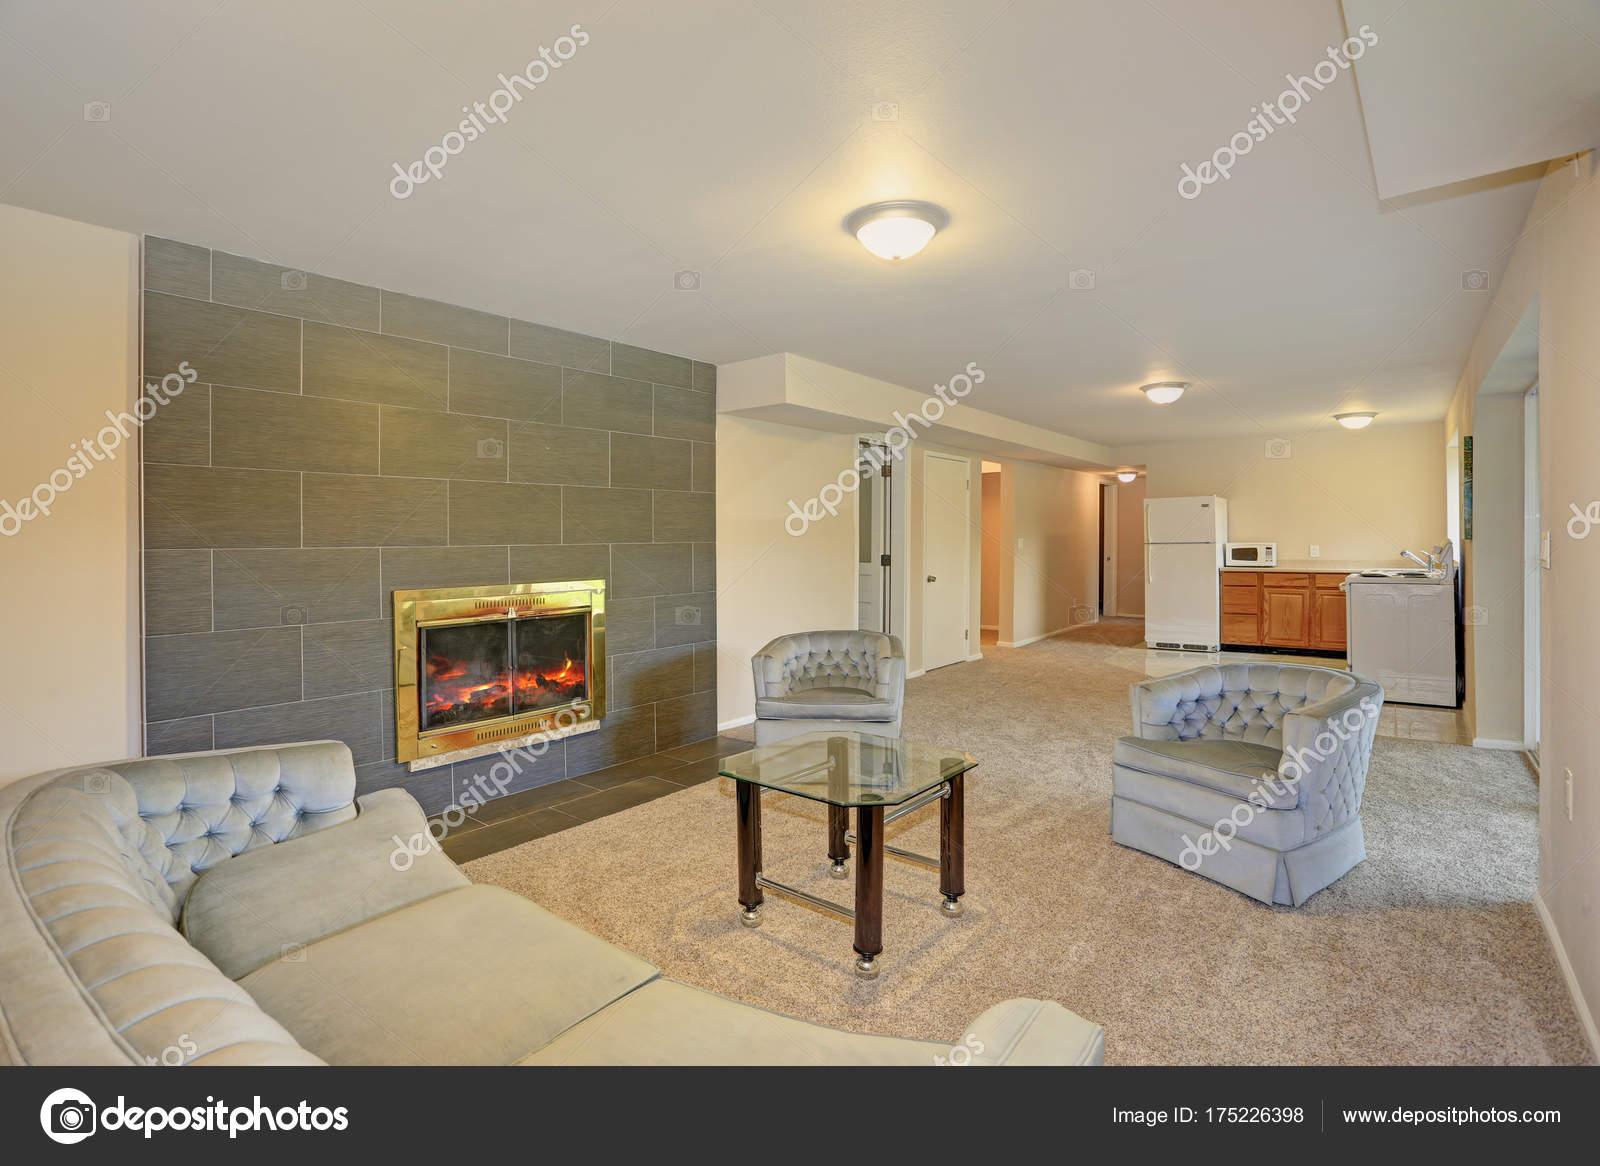 Minimalistisches Wohnzimmer Design In Grau Und Beige Farben U2014 Stockfoto